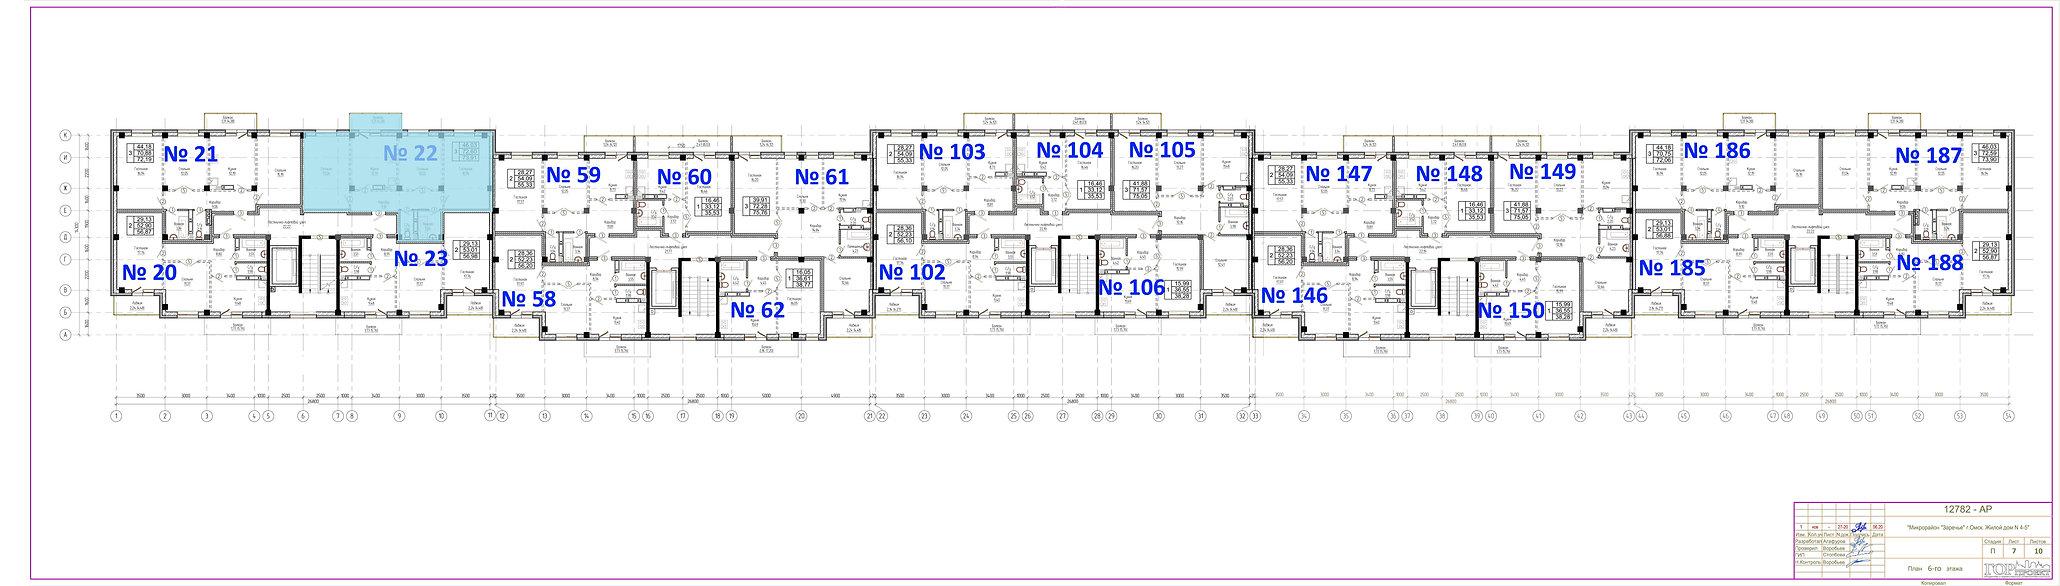 6 этаж кв 22.jpg